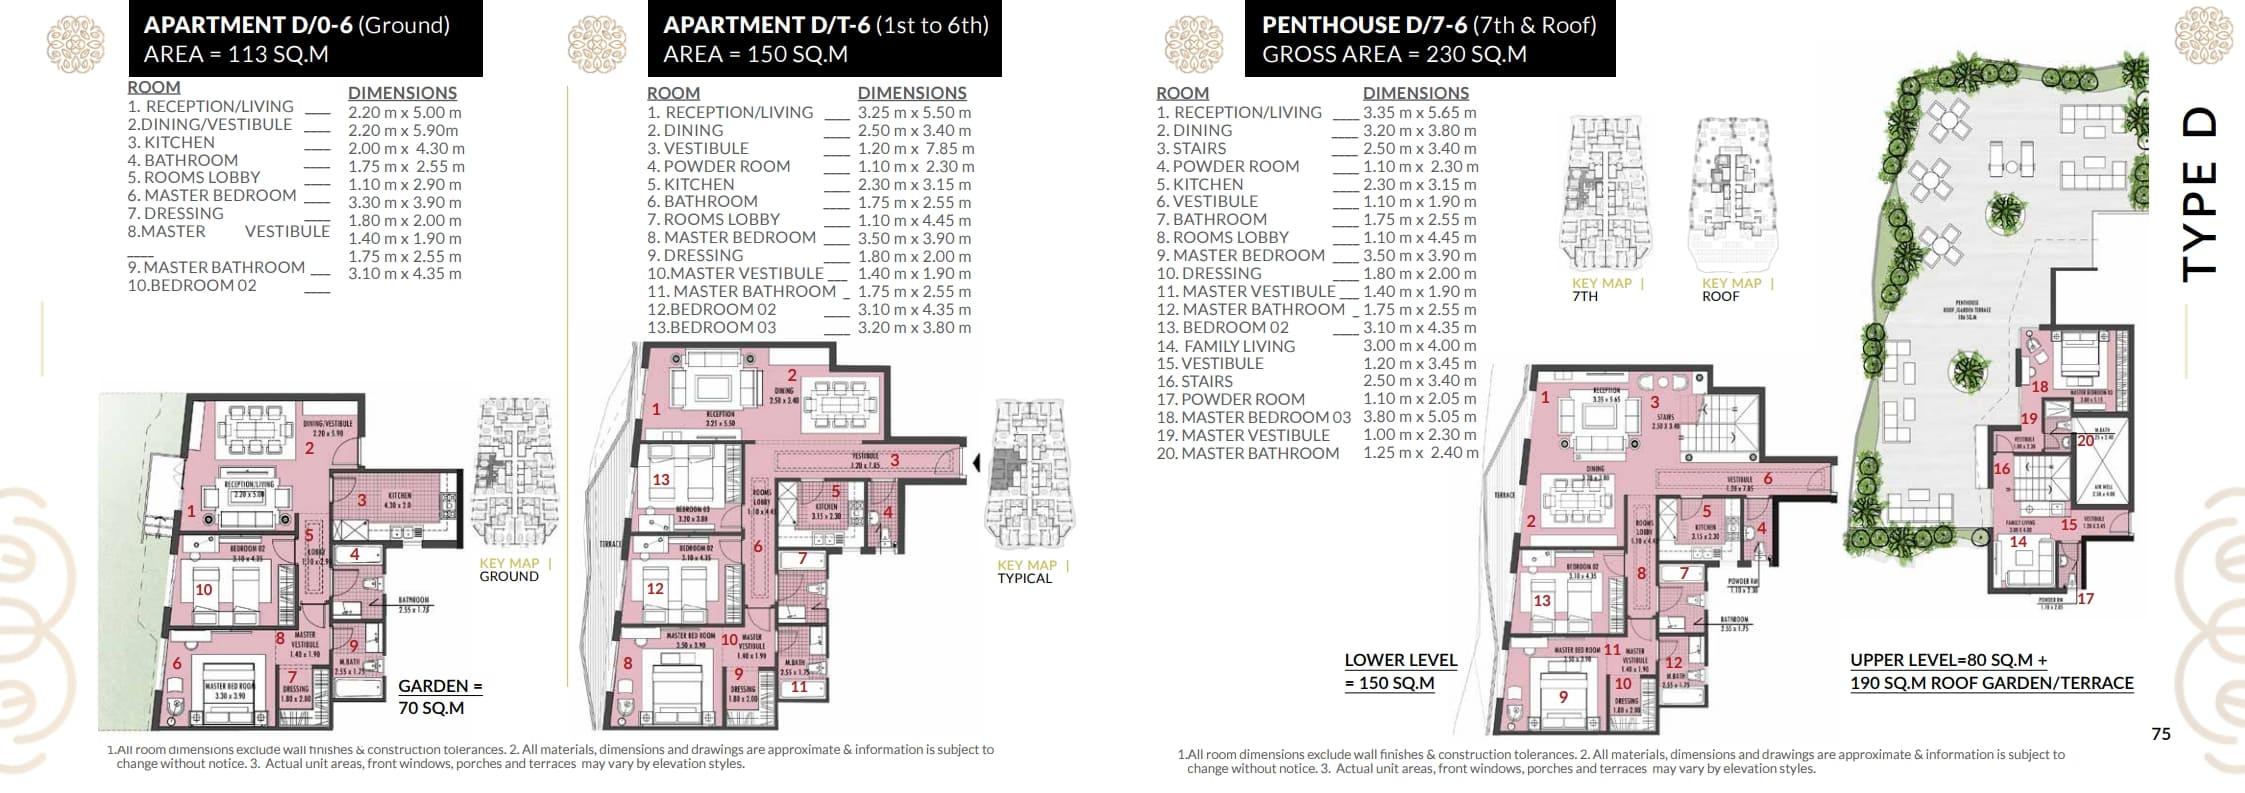 شقة150م للبيع بكمبوند روزس العاصمة الاداريه باقساط تصل ل9سنوات